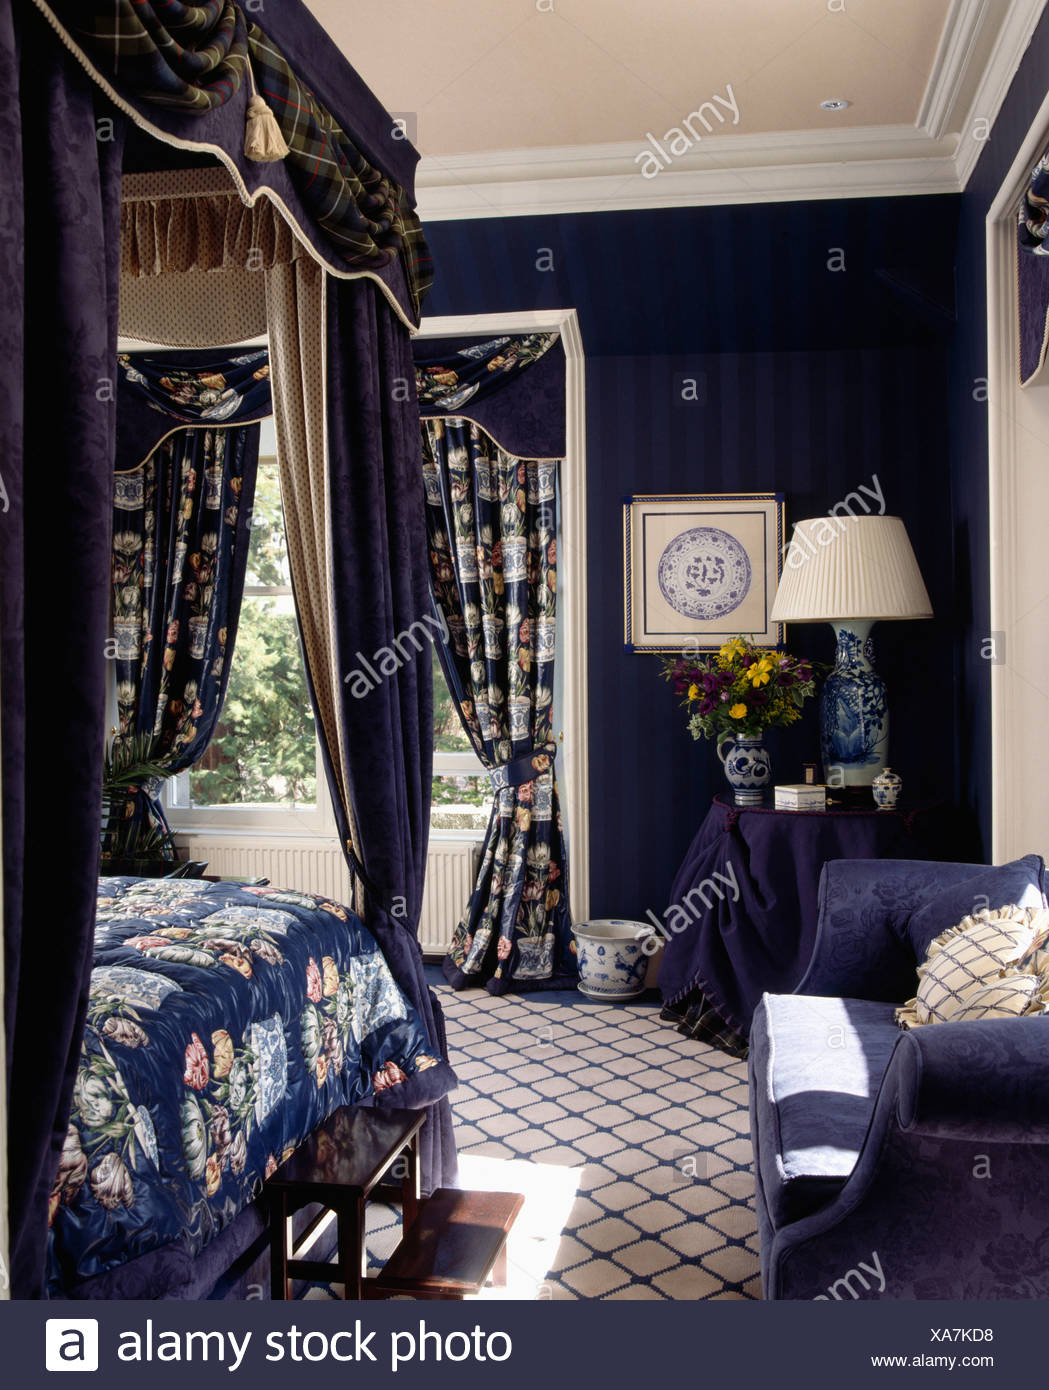 chambre avec moquette motifs et des murs bleu fonc et lit baldaquin avec des draps motifs. Black Bedroom Furniture Sets. Home Design Ideas